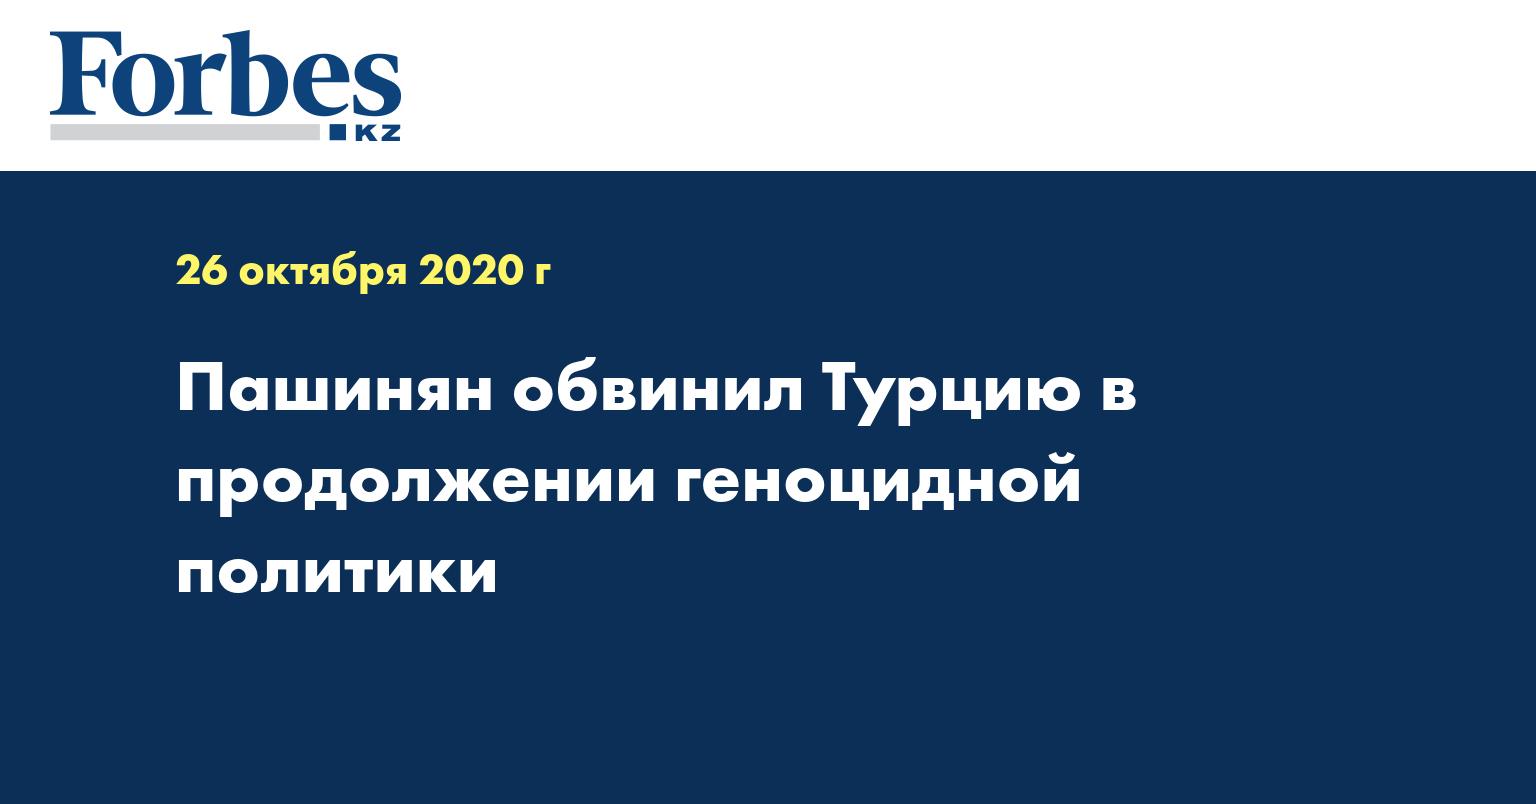 Пашинян обвинил Турцию в продолжении геноцидной политики